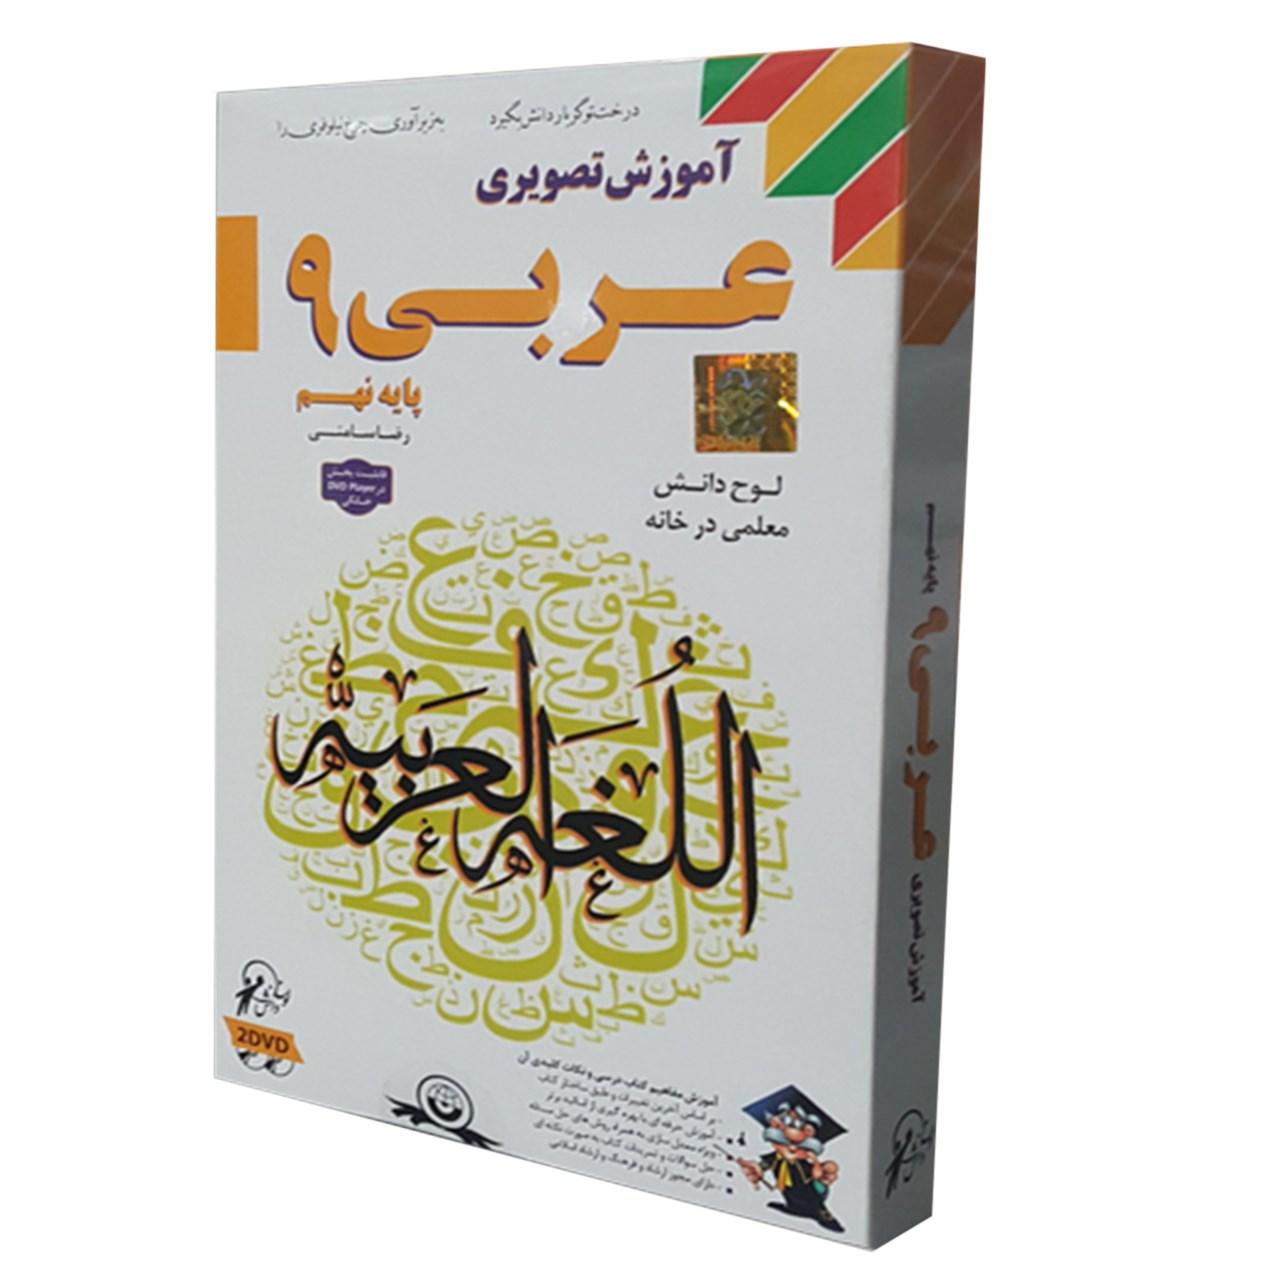 آموزش تصویری عربی 9 نشر لوح دانش